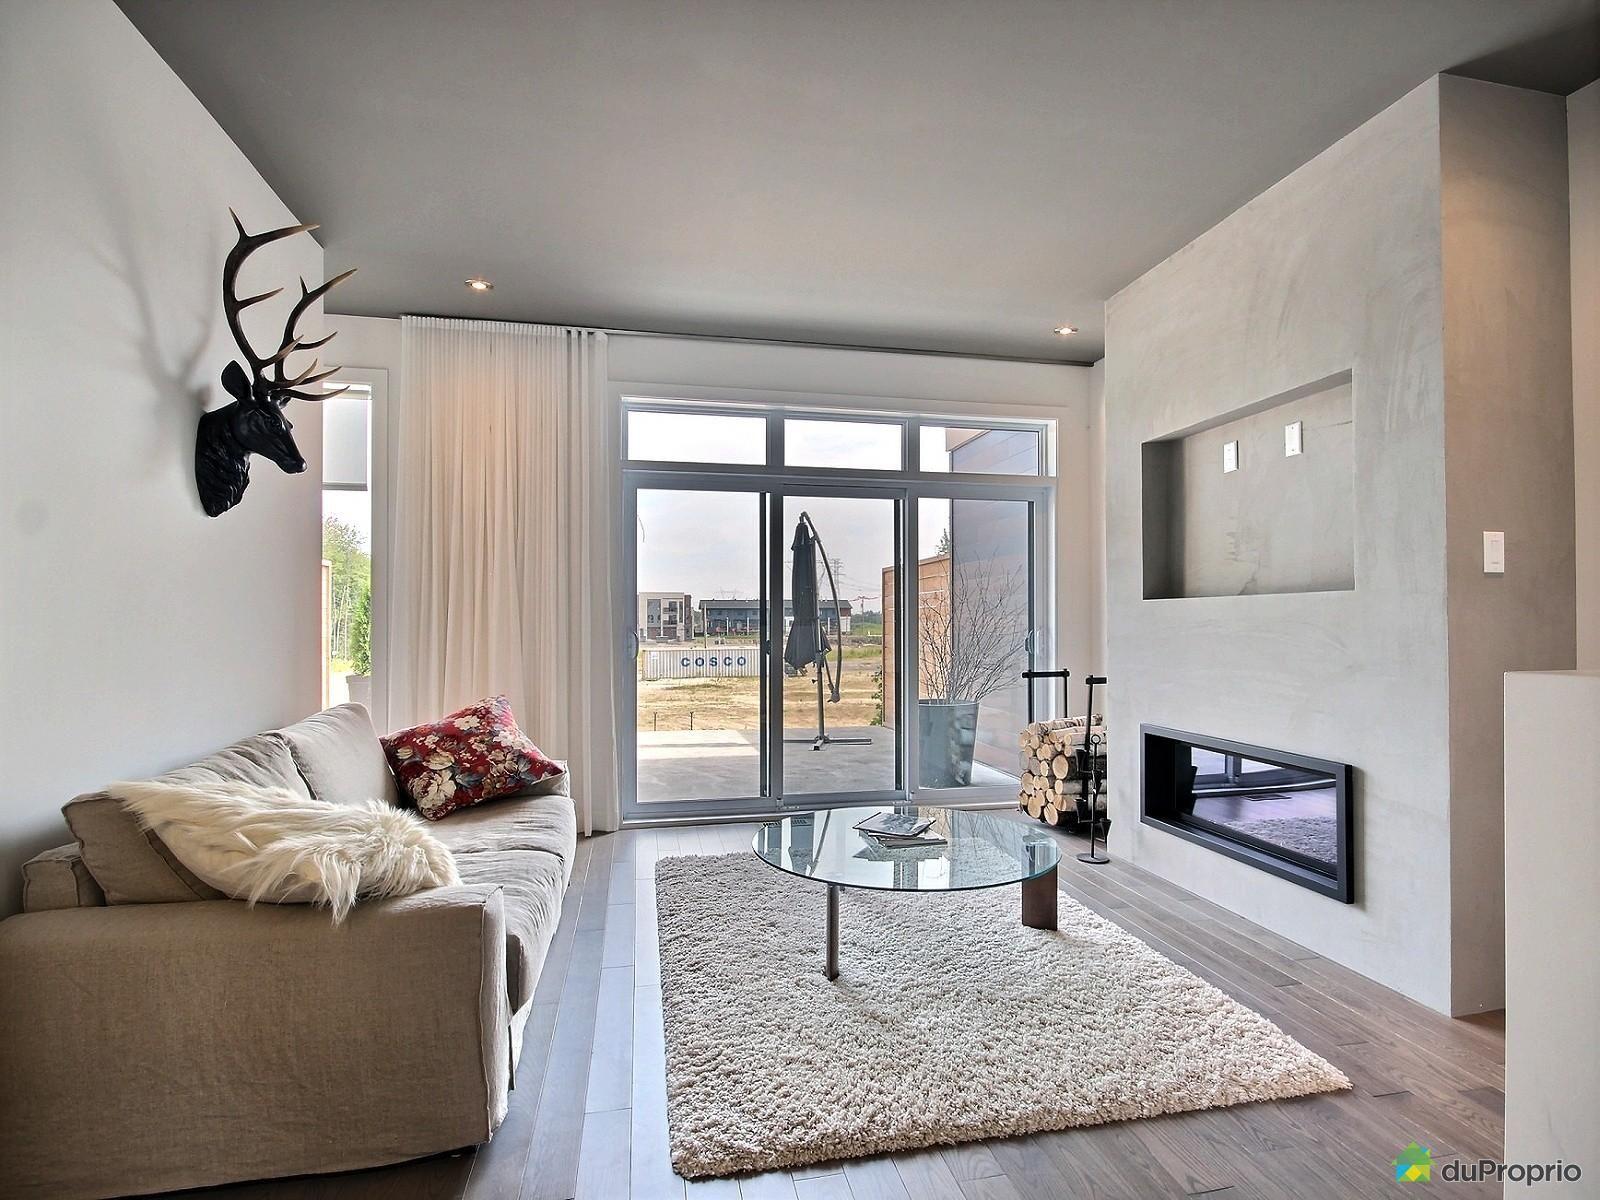 Maison neuve à vendre Terrebonne, 5472, rue d'Angora, immobilier Québec | DuProprio | 592717